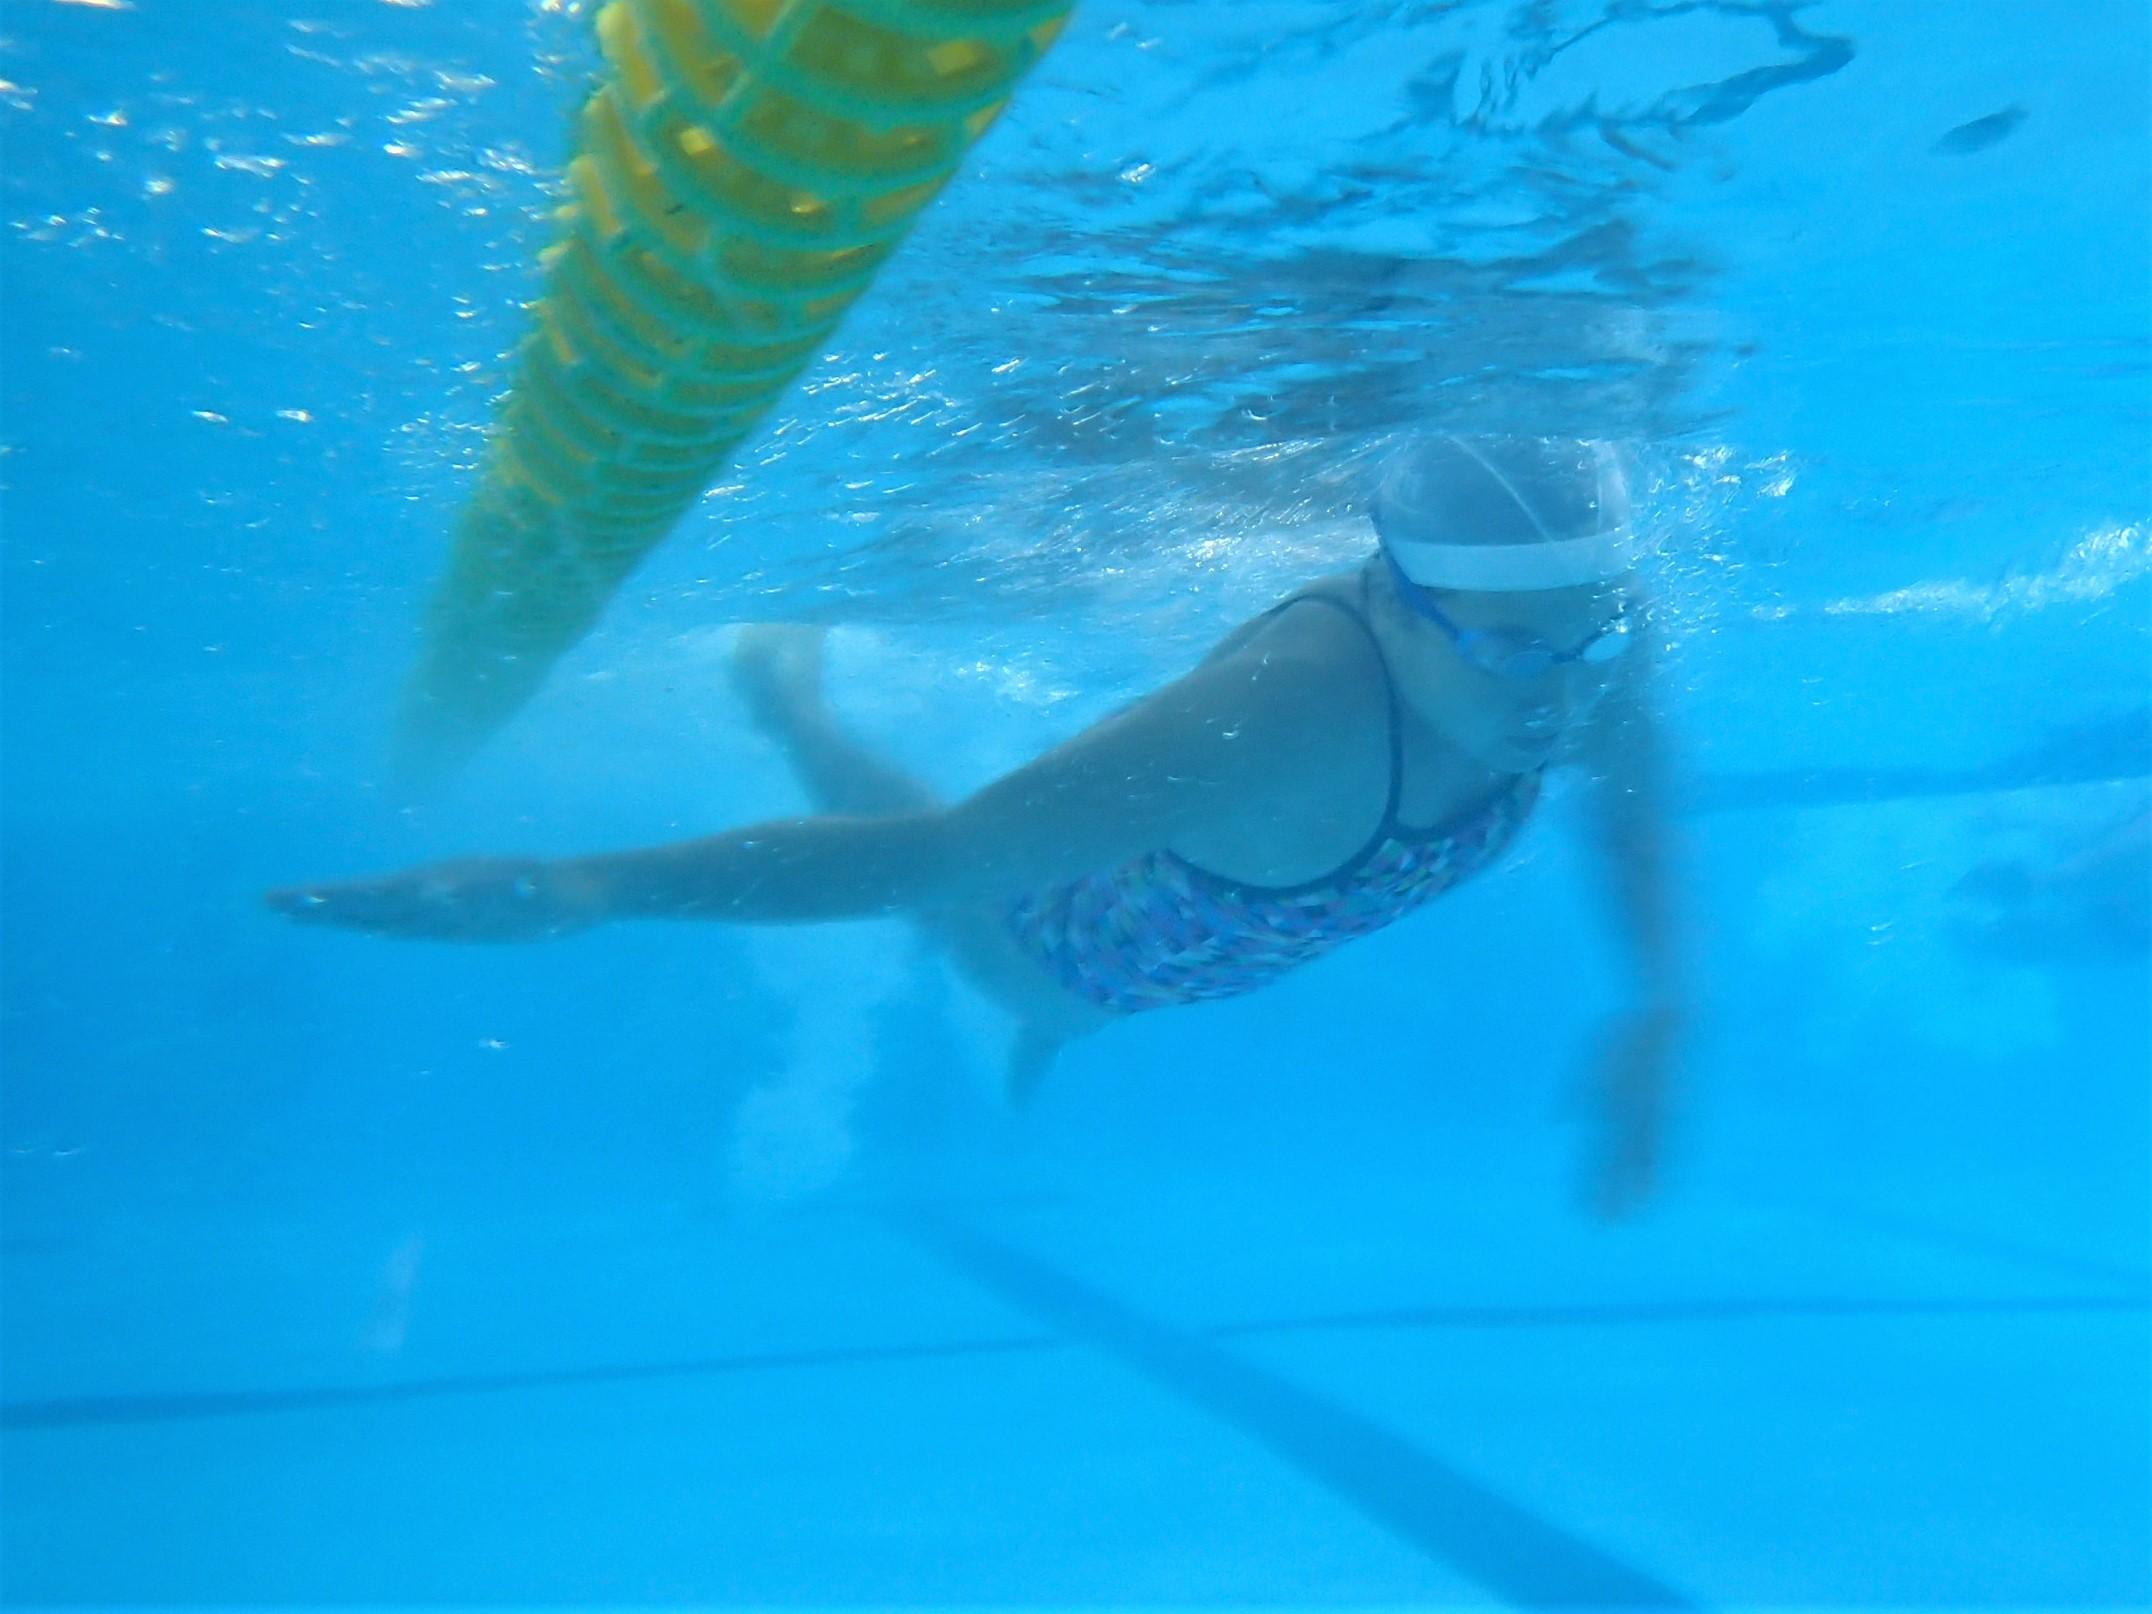 抵抗に敏感になるだけで、泳ぎが激変するかも!? | オーシャンナビ公式 ...